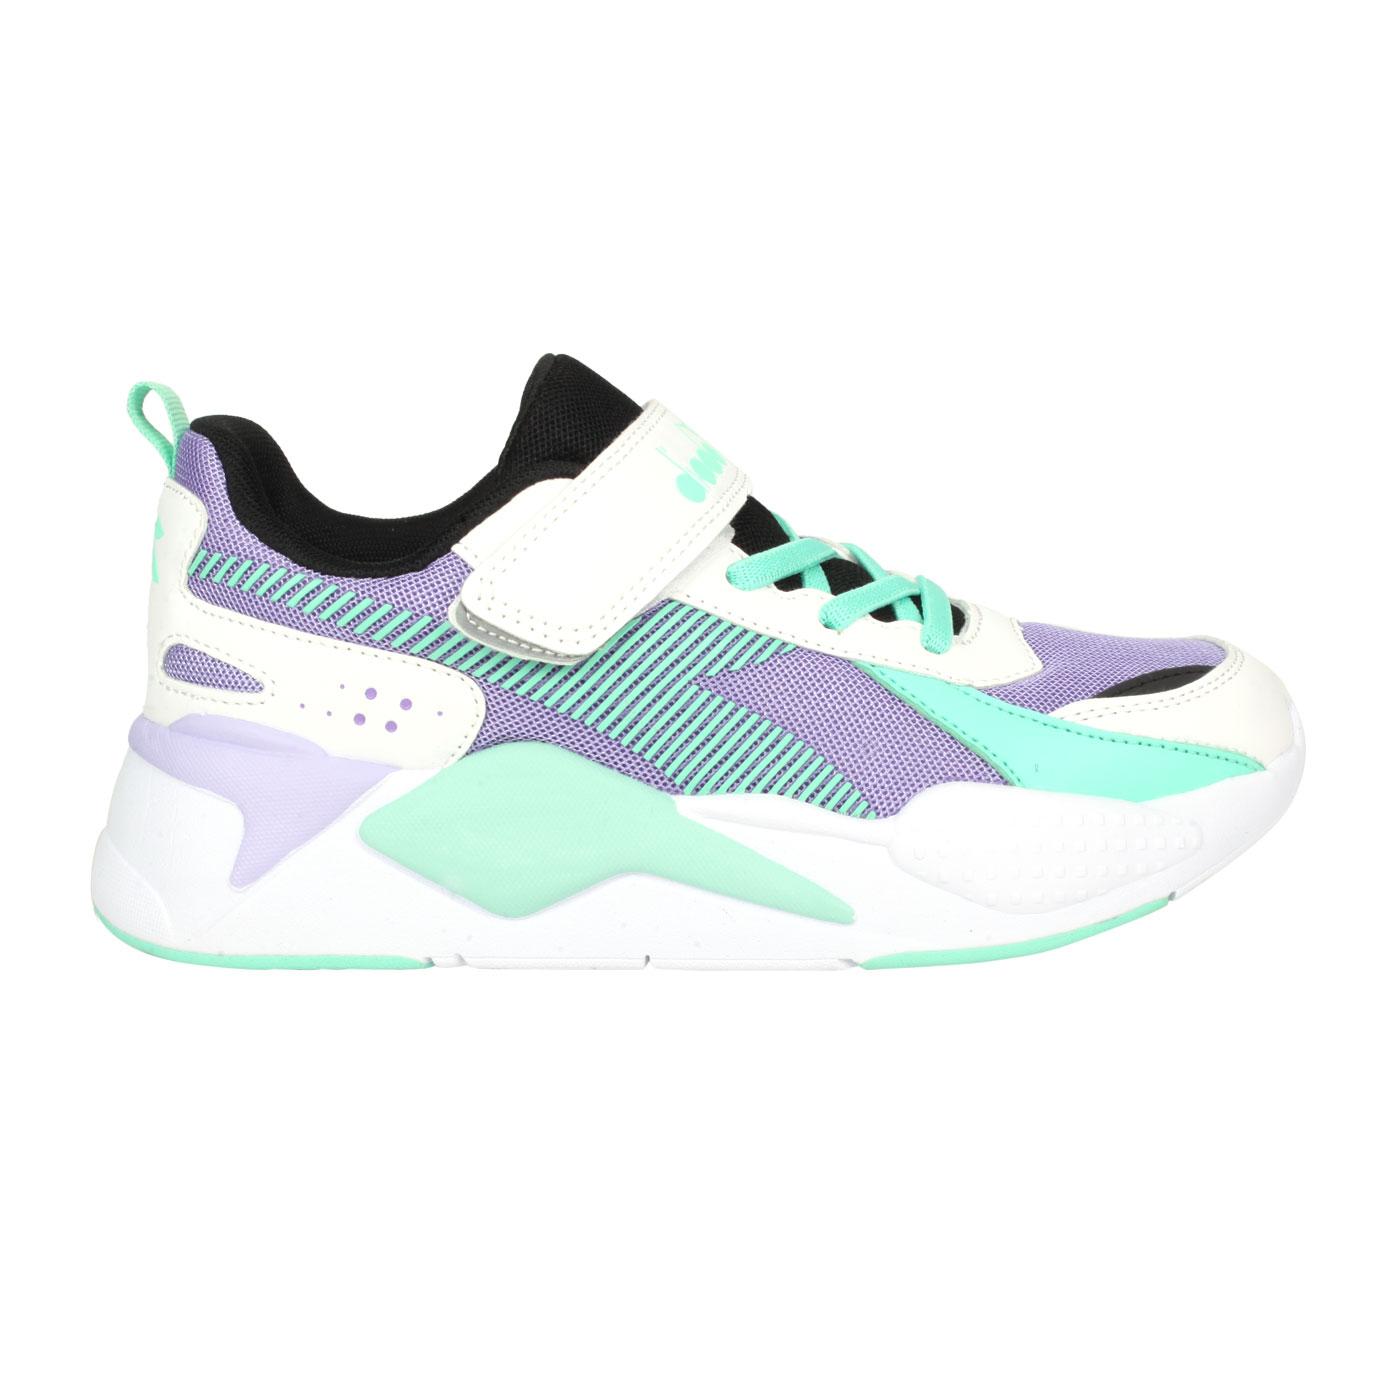 DIADORA 大童休閒運動鞋 DA11022 - 白紫綠